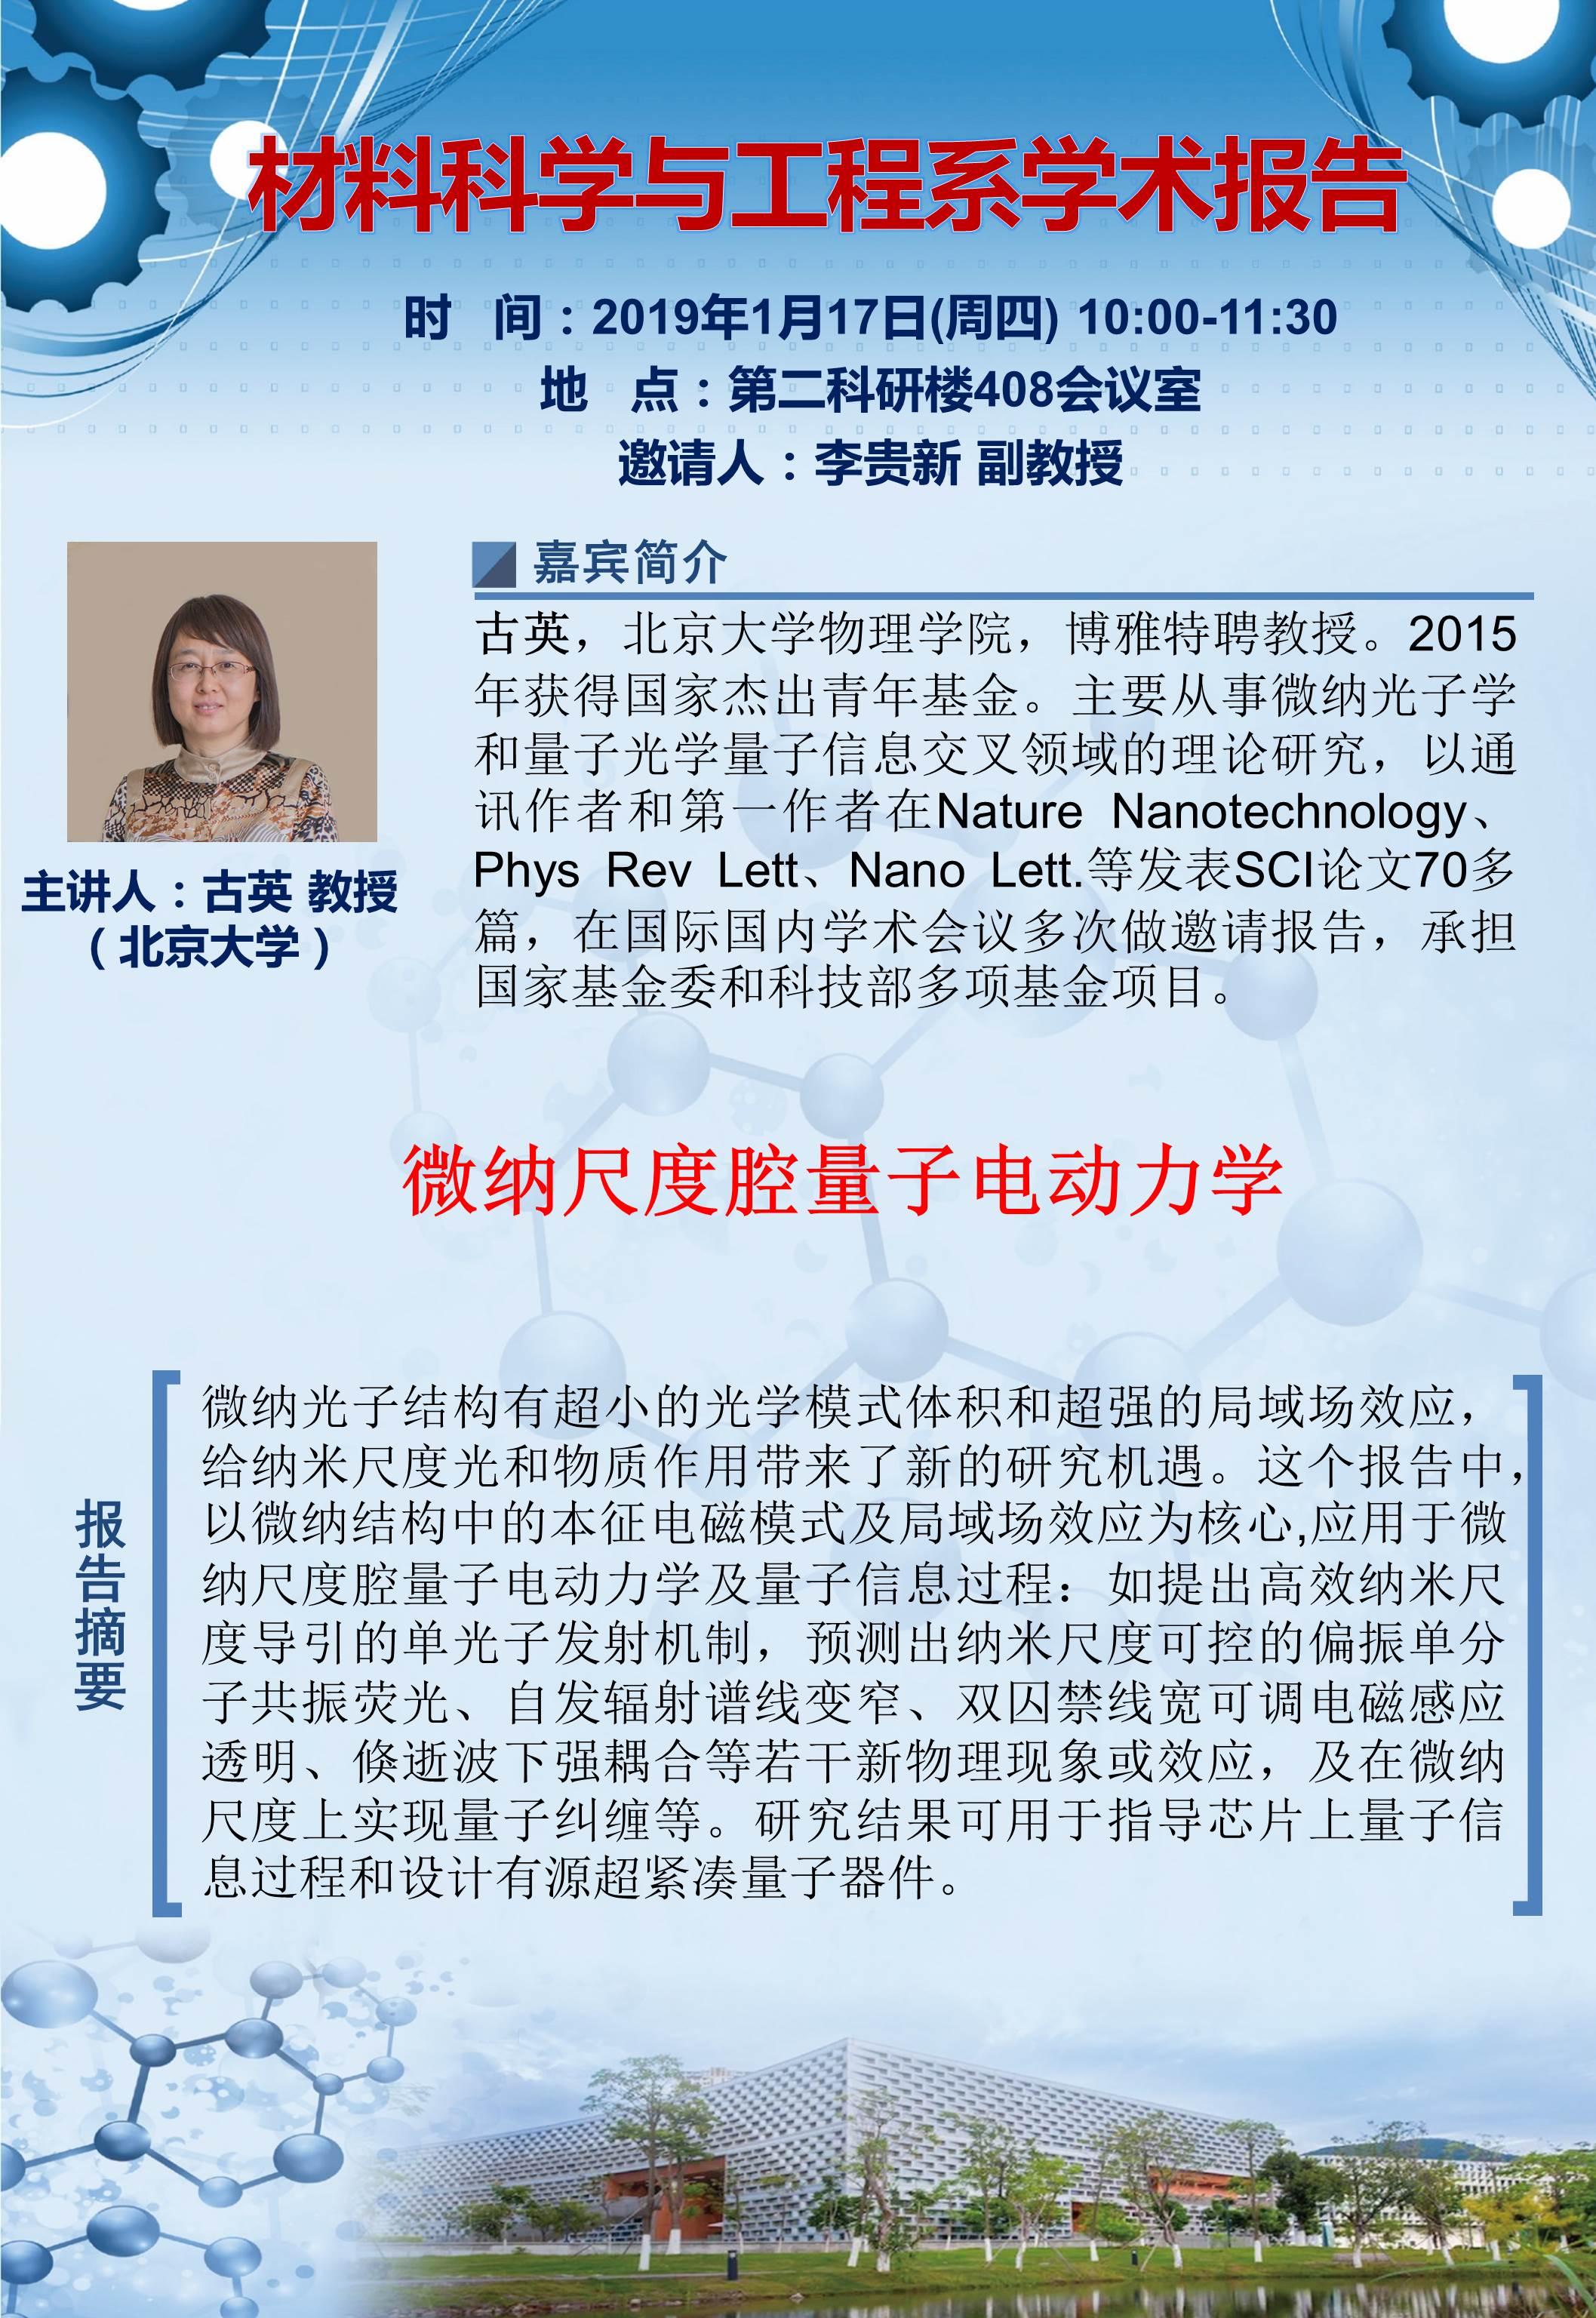 1月17日   10:00-11:30   北京大学古英教授(杰青)    李贵新.jpg